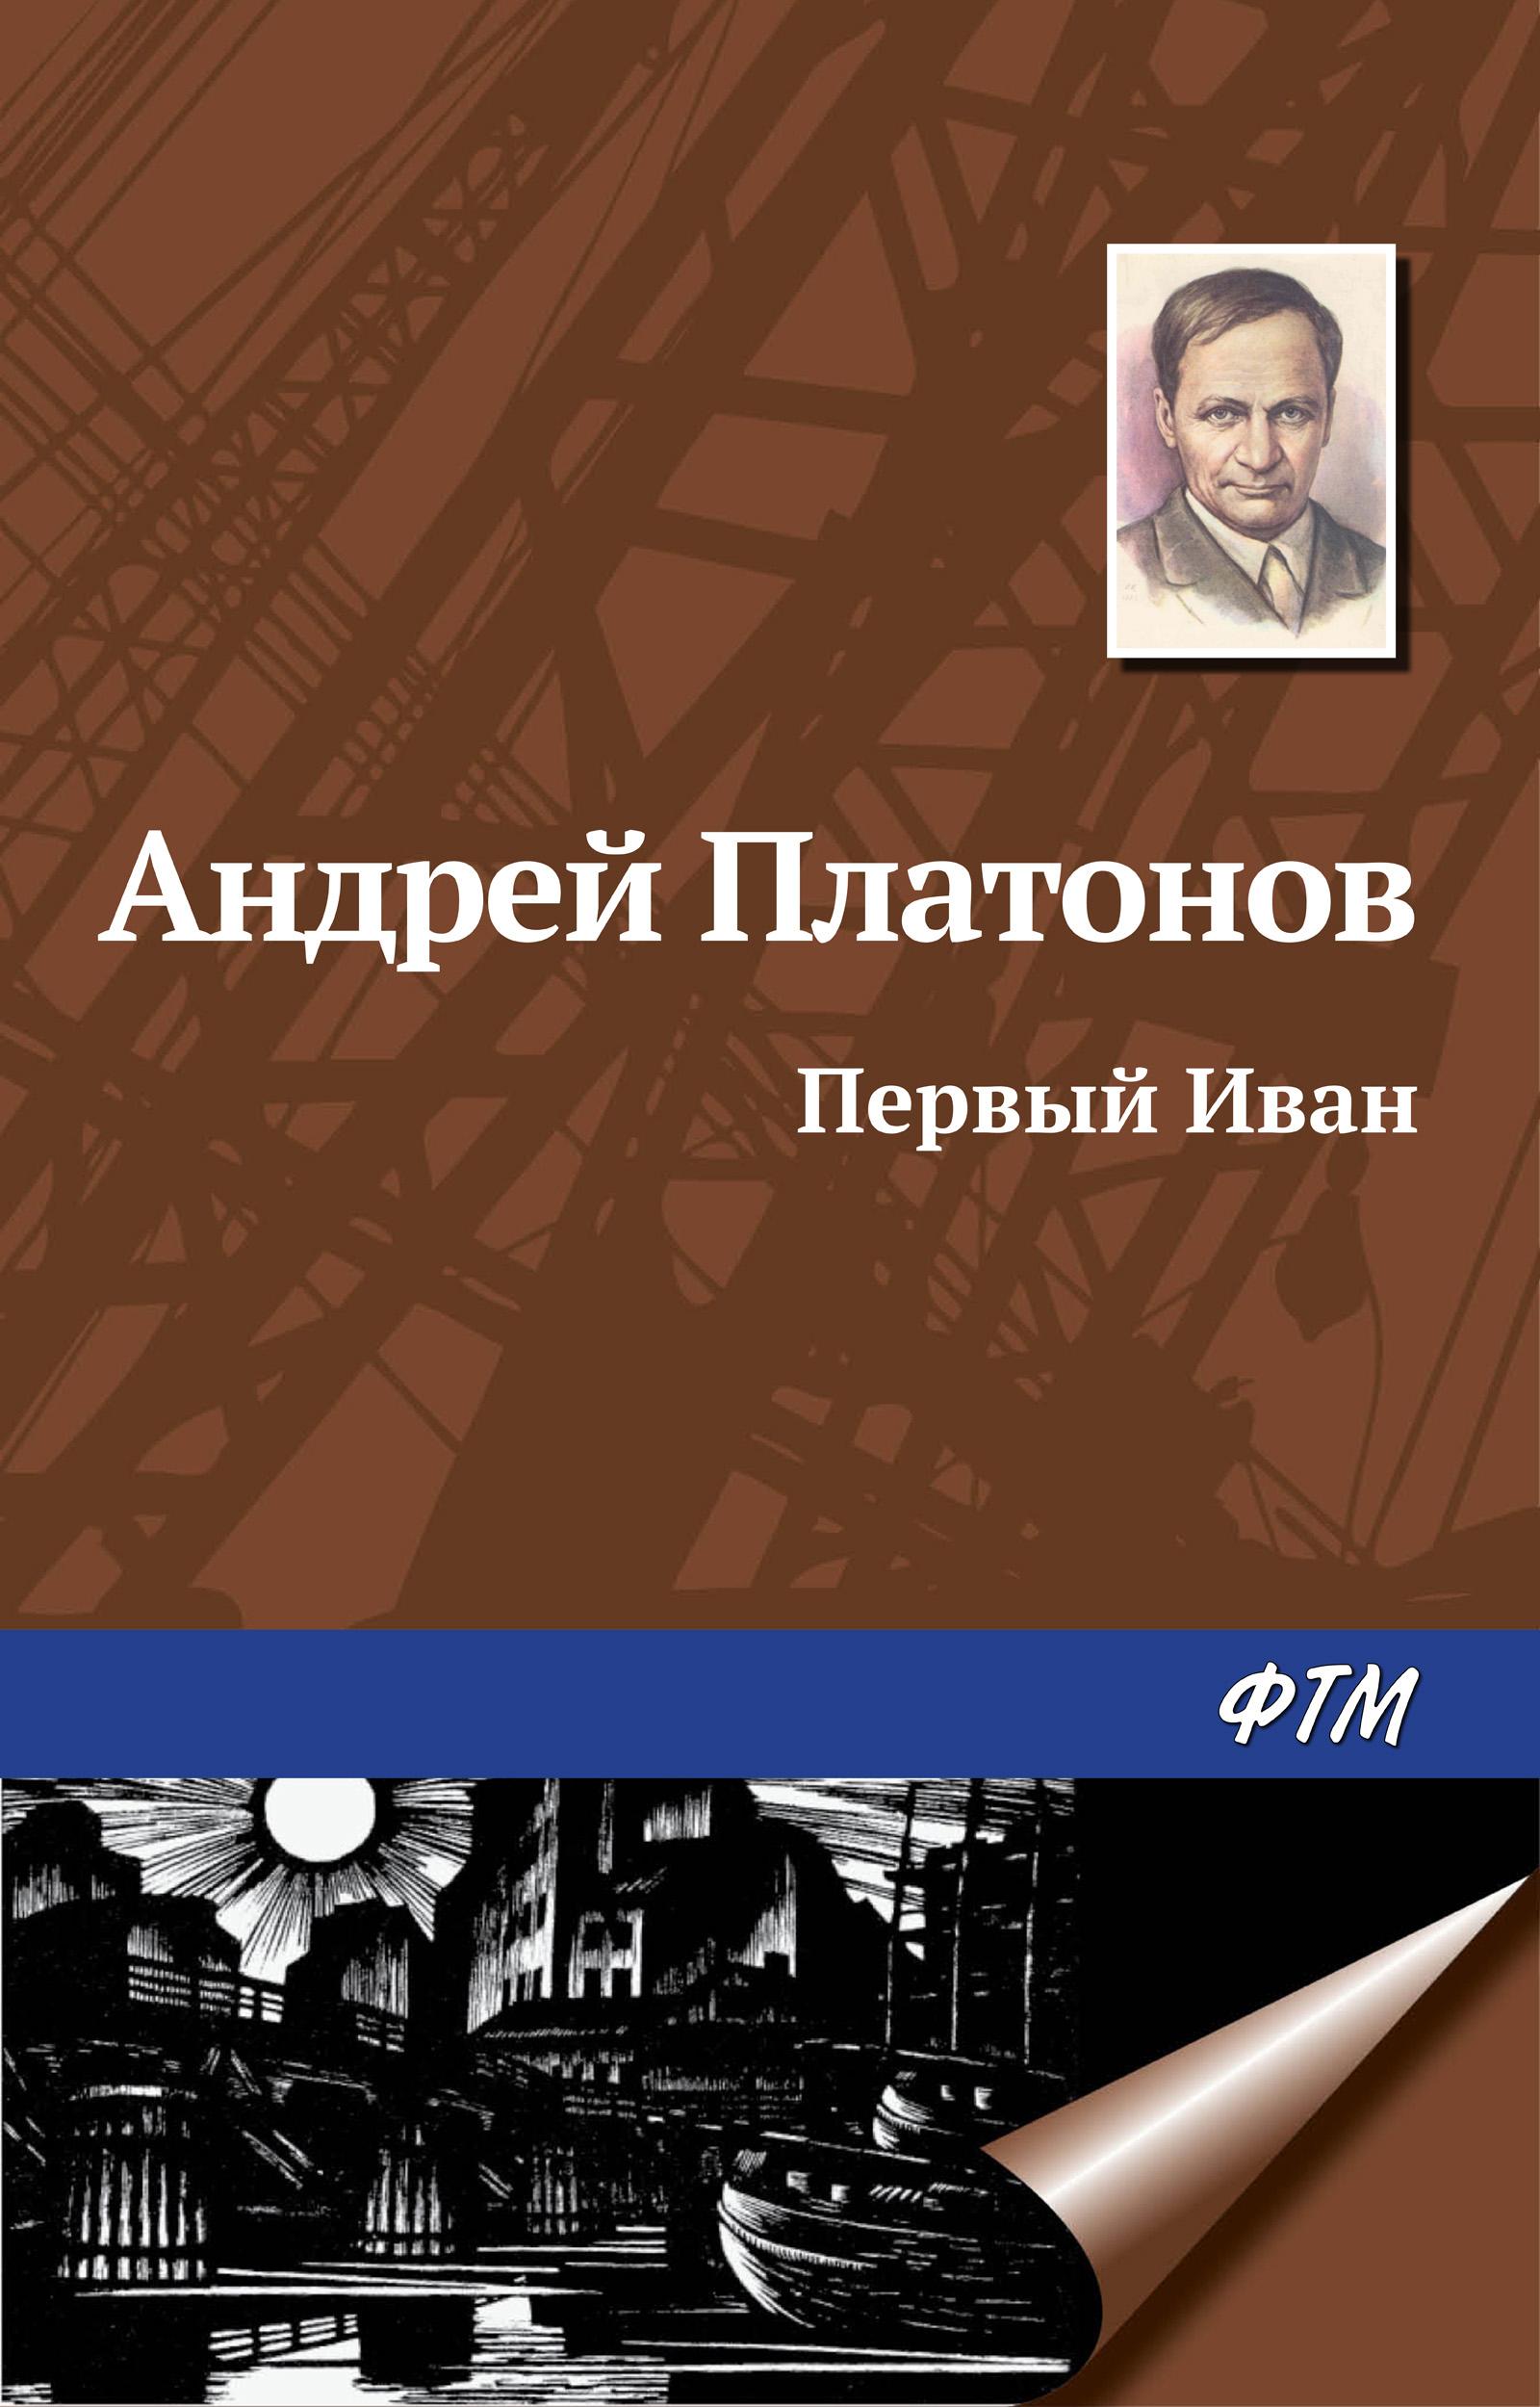 Андрей Платонов Первый Иван стоимость